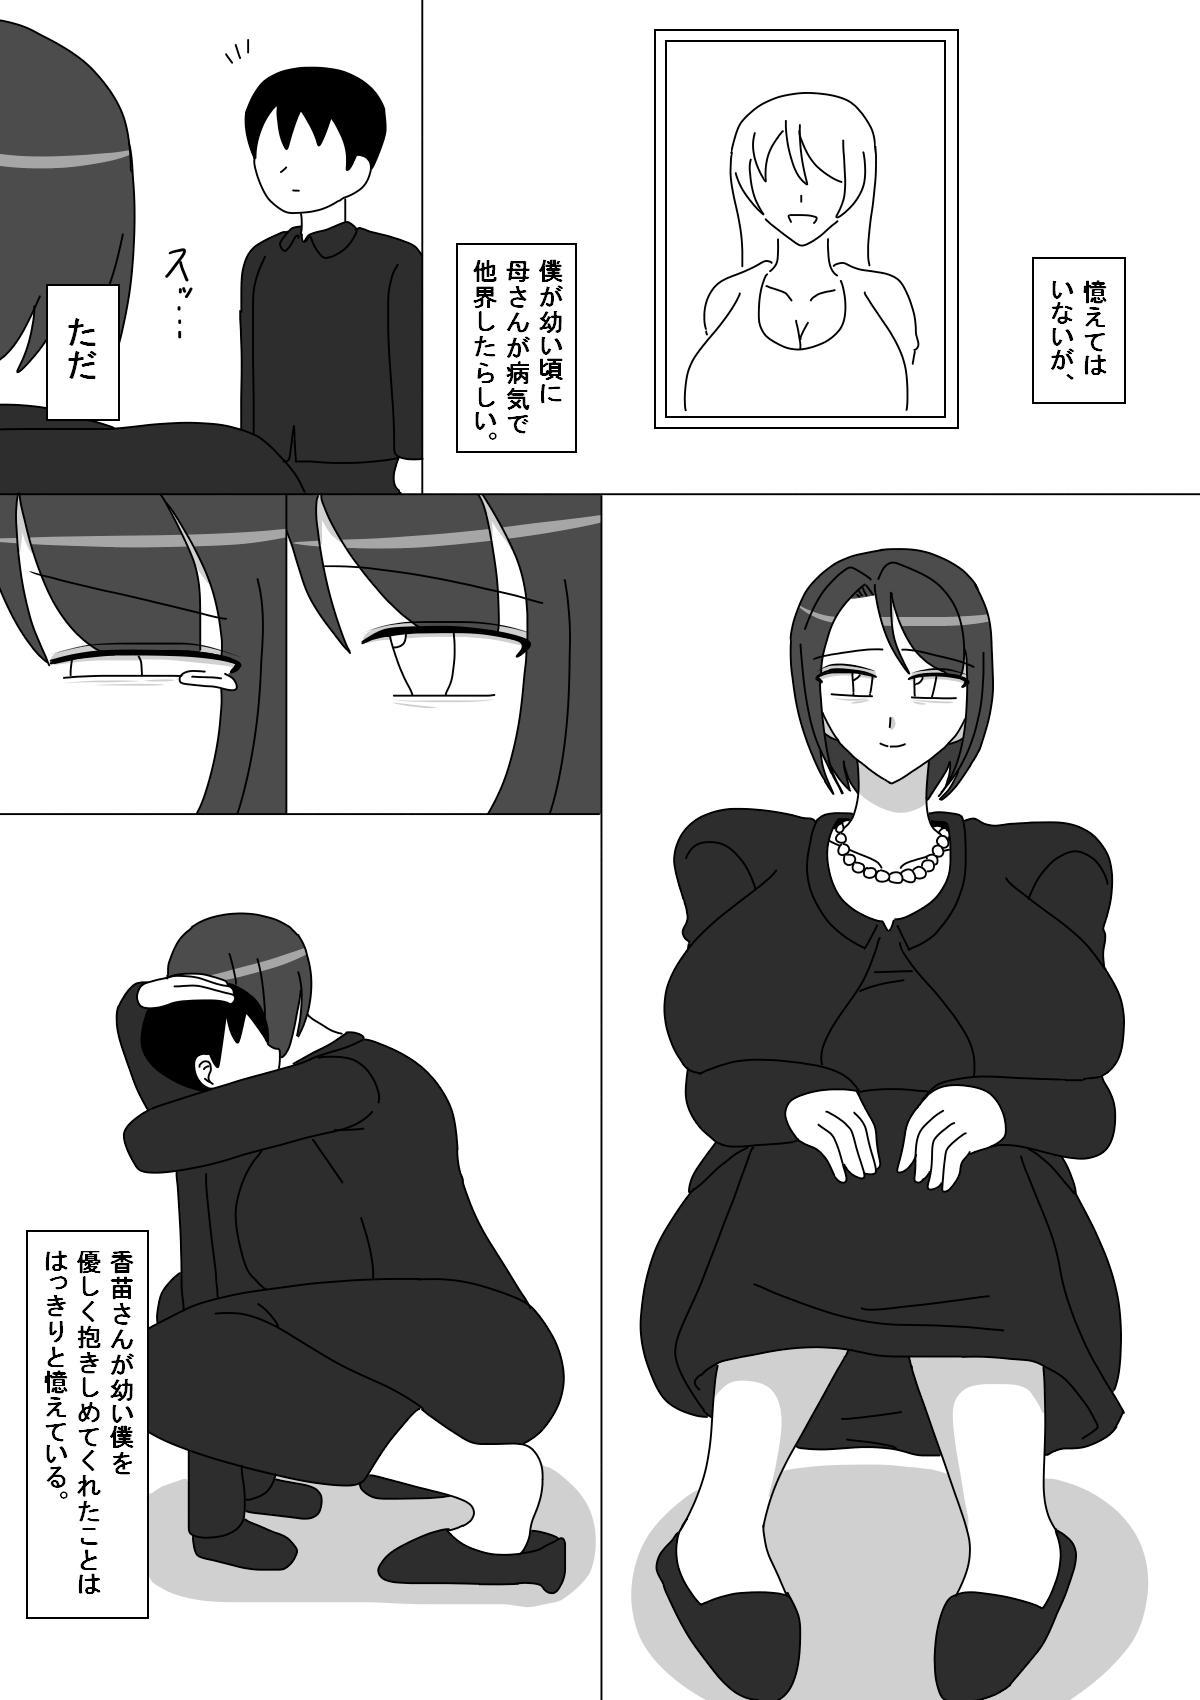 Kanae-san 1